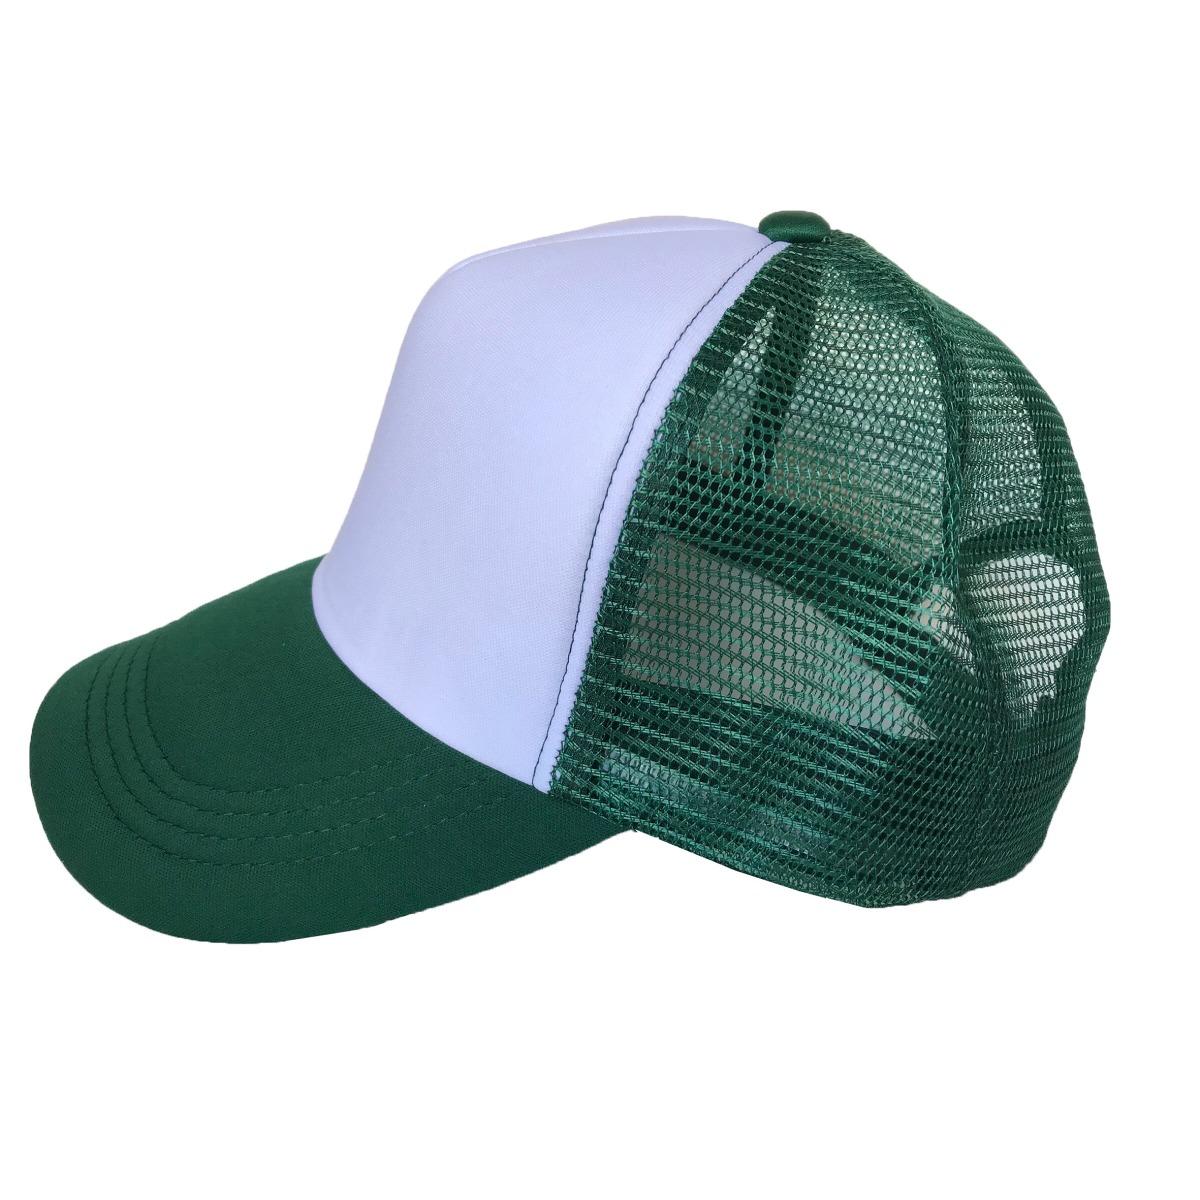 3710f1146e93a gorras trucker verde personalizada para eventos empresas. Cargando zoom.